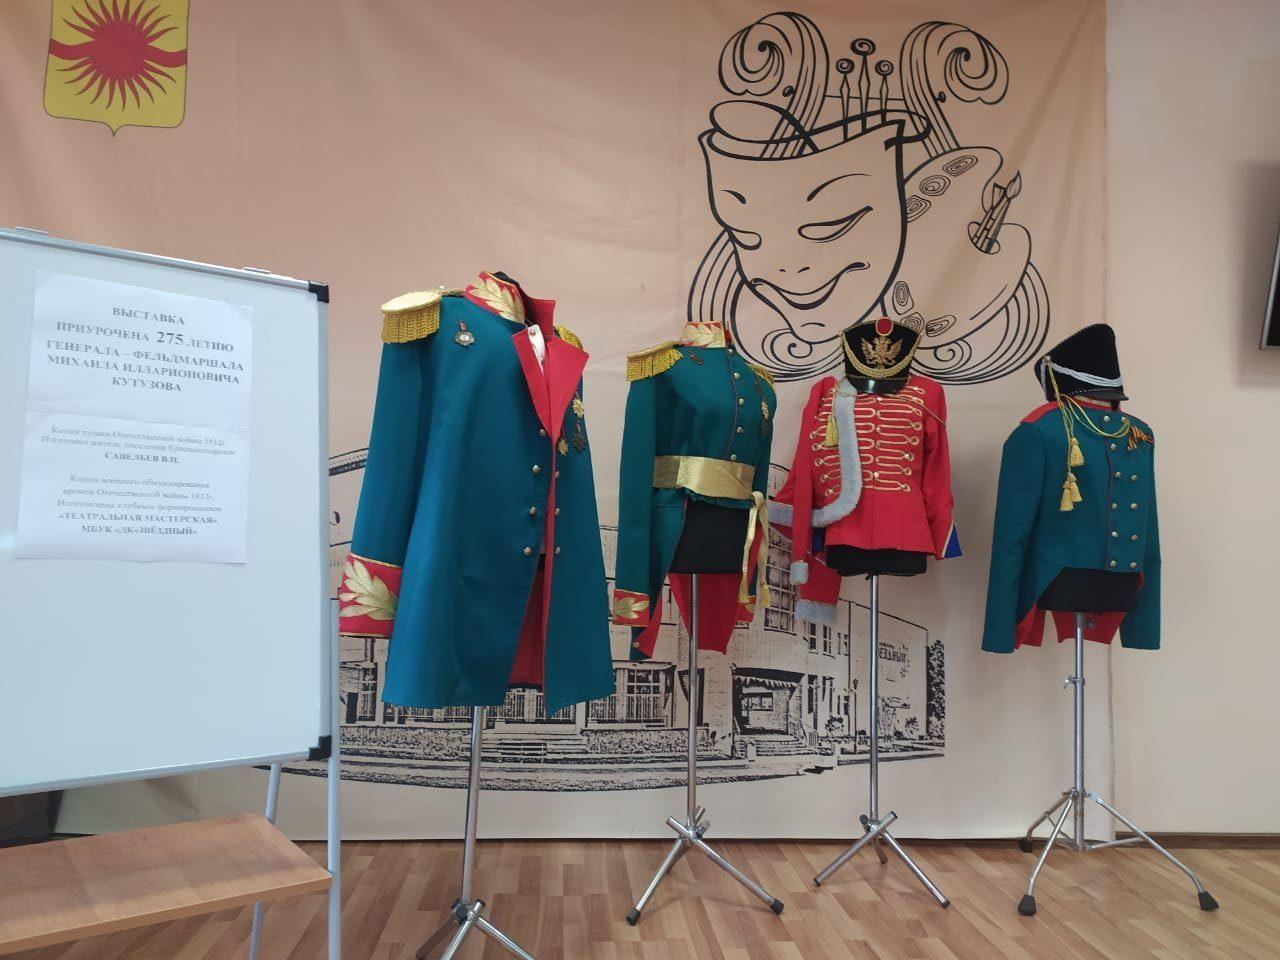 Выставку в честь полководца Михаила Кутузова открыли в Краснопахорском